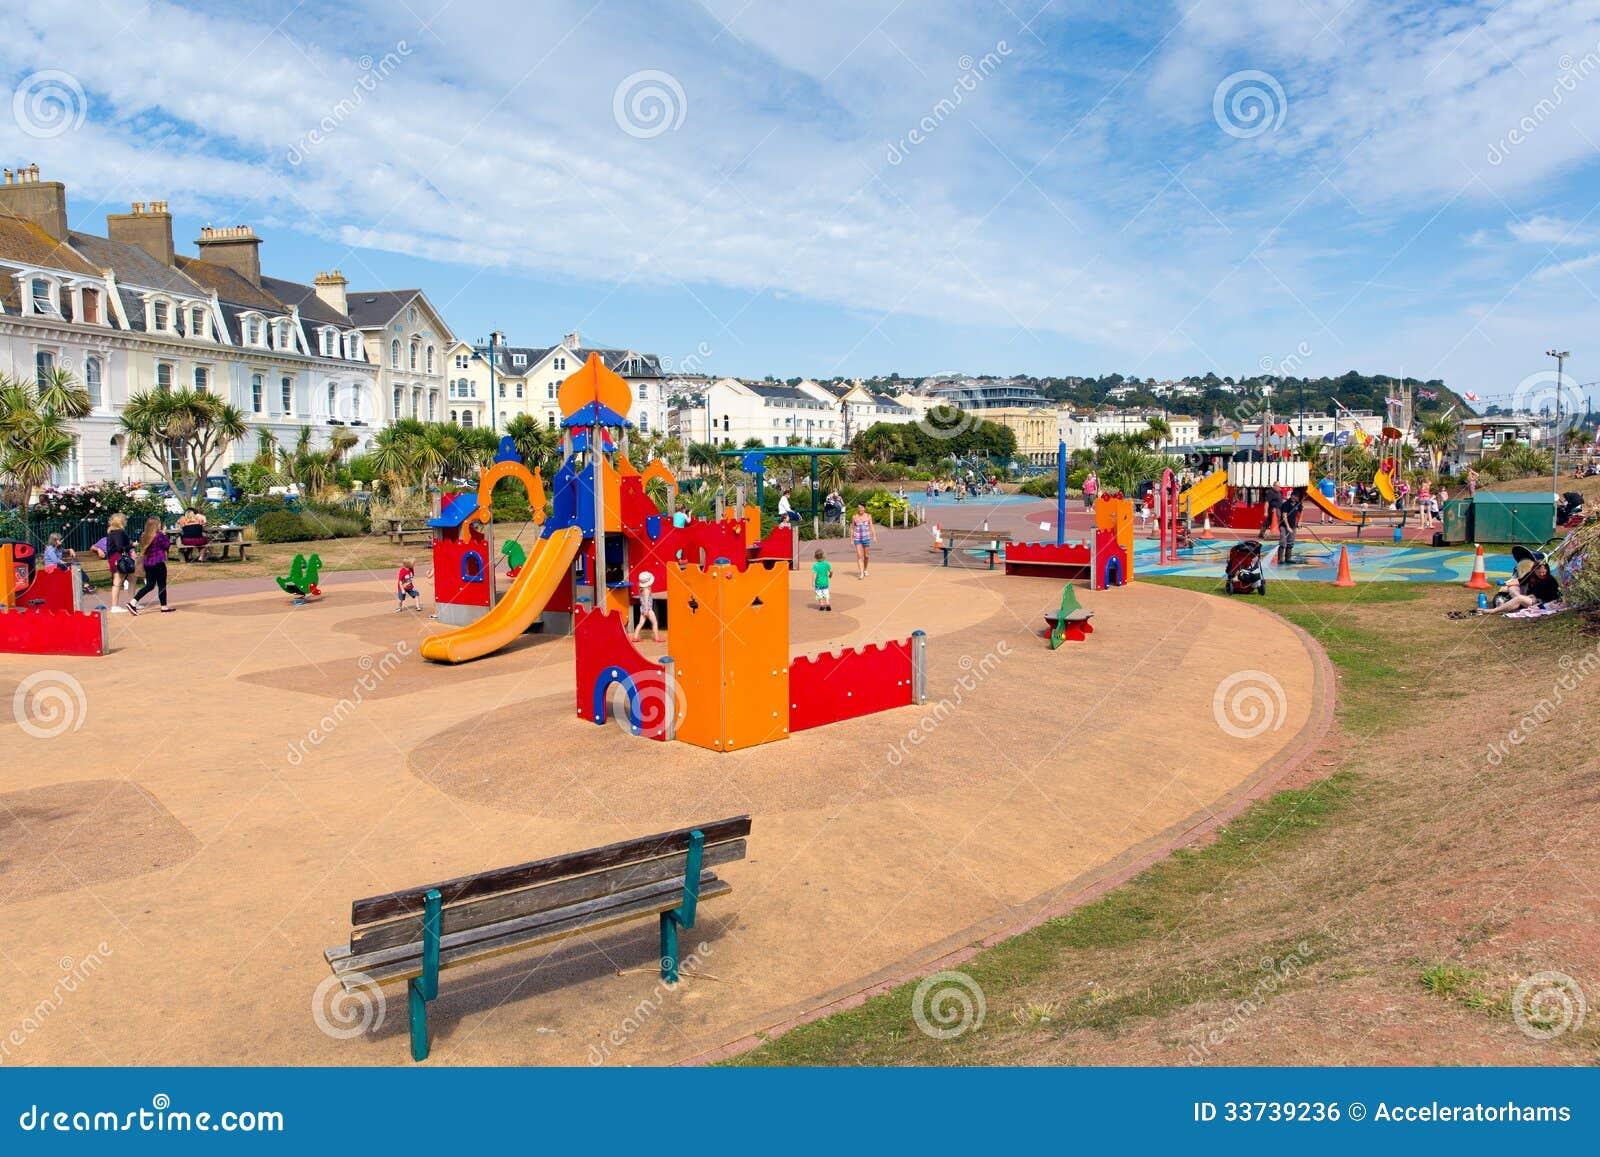 De activiteitengebied van de kinderen van Devon van de Teignmouthstrandboulevard